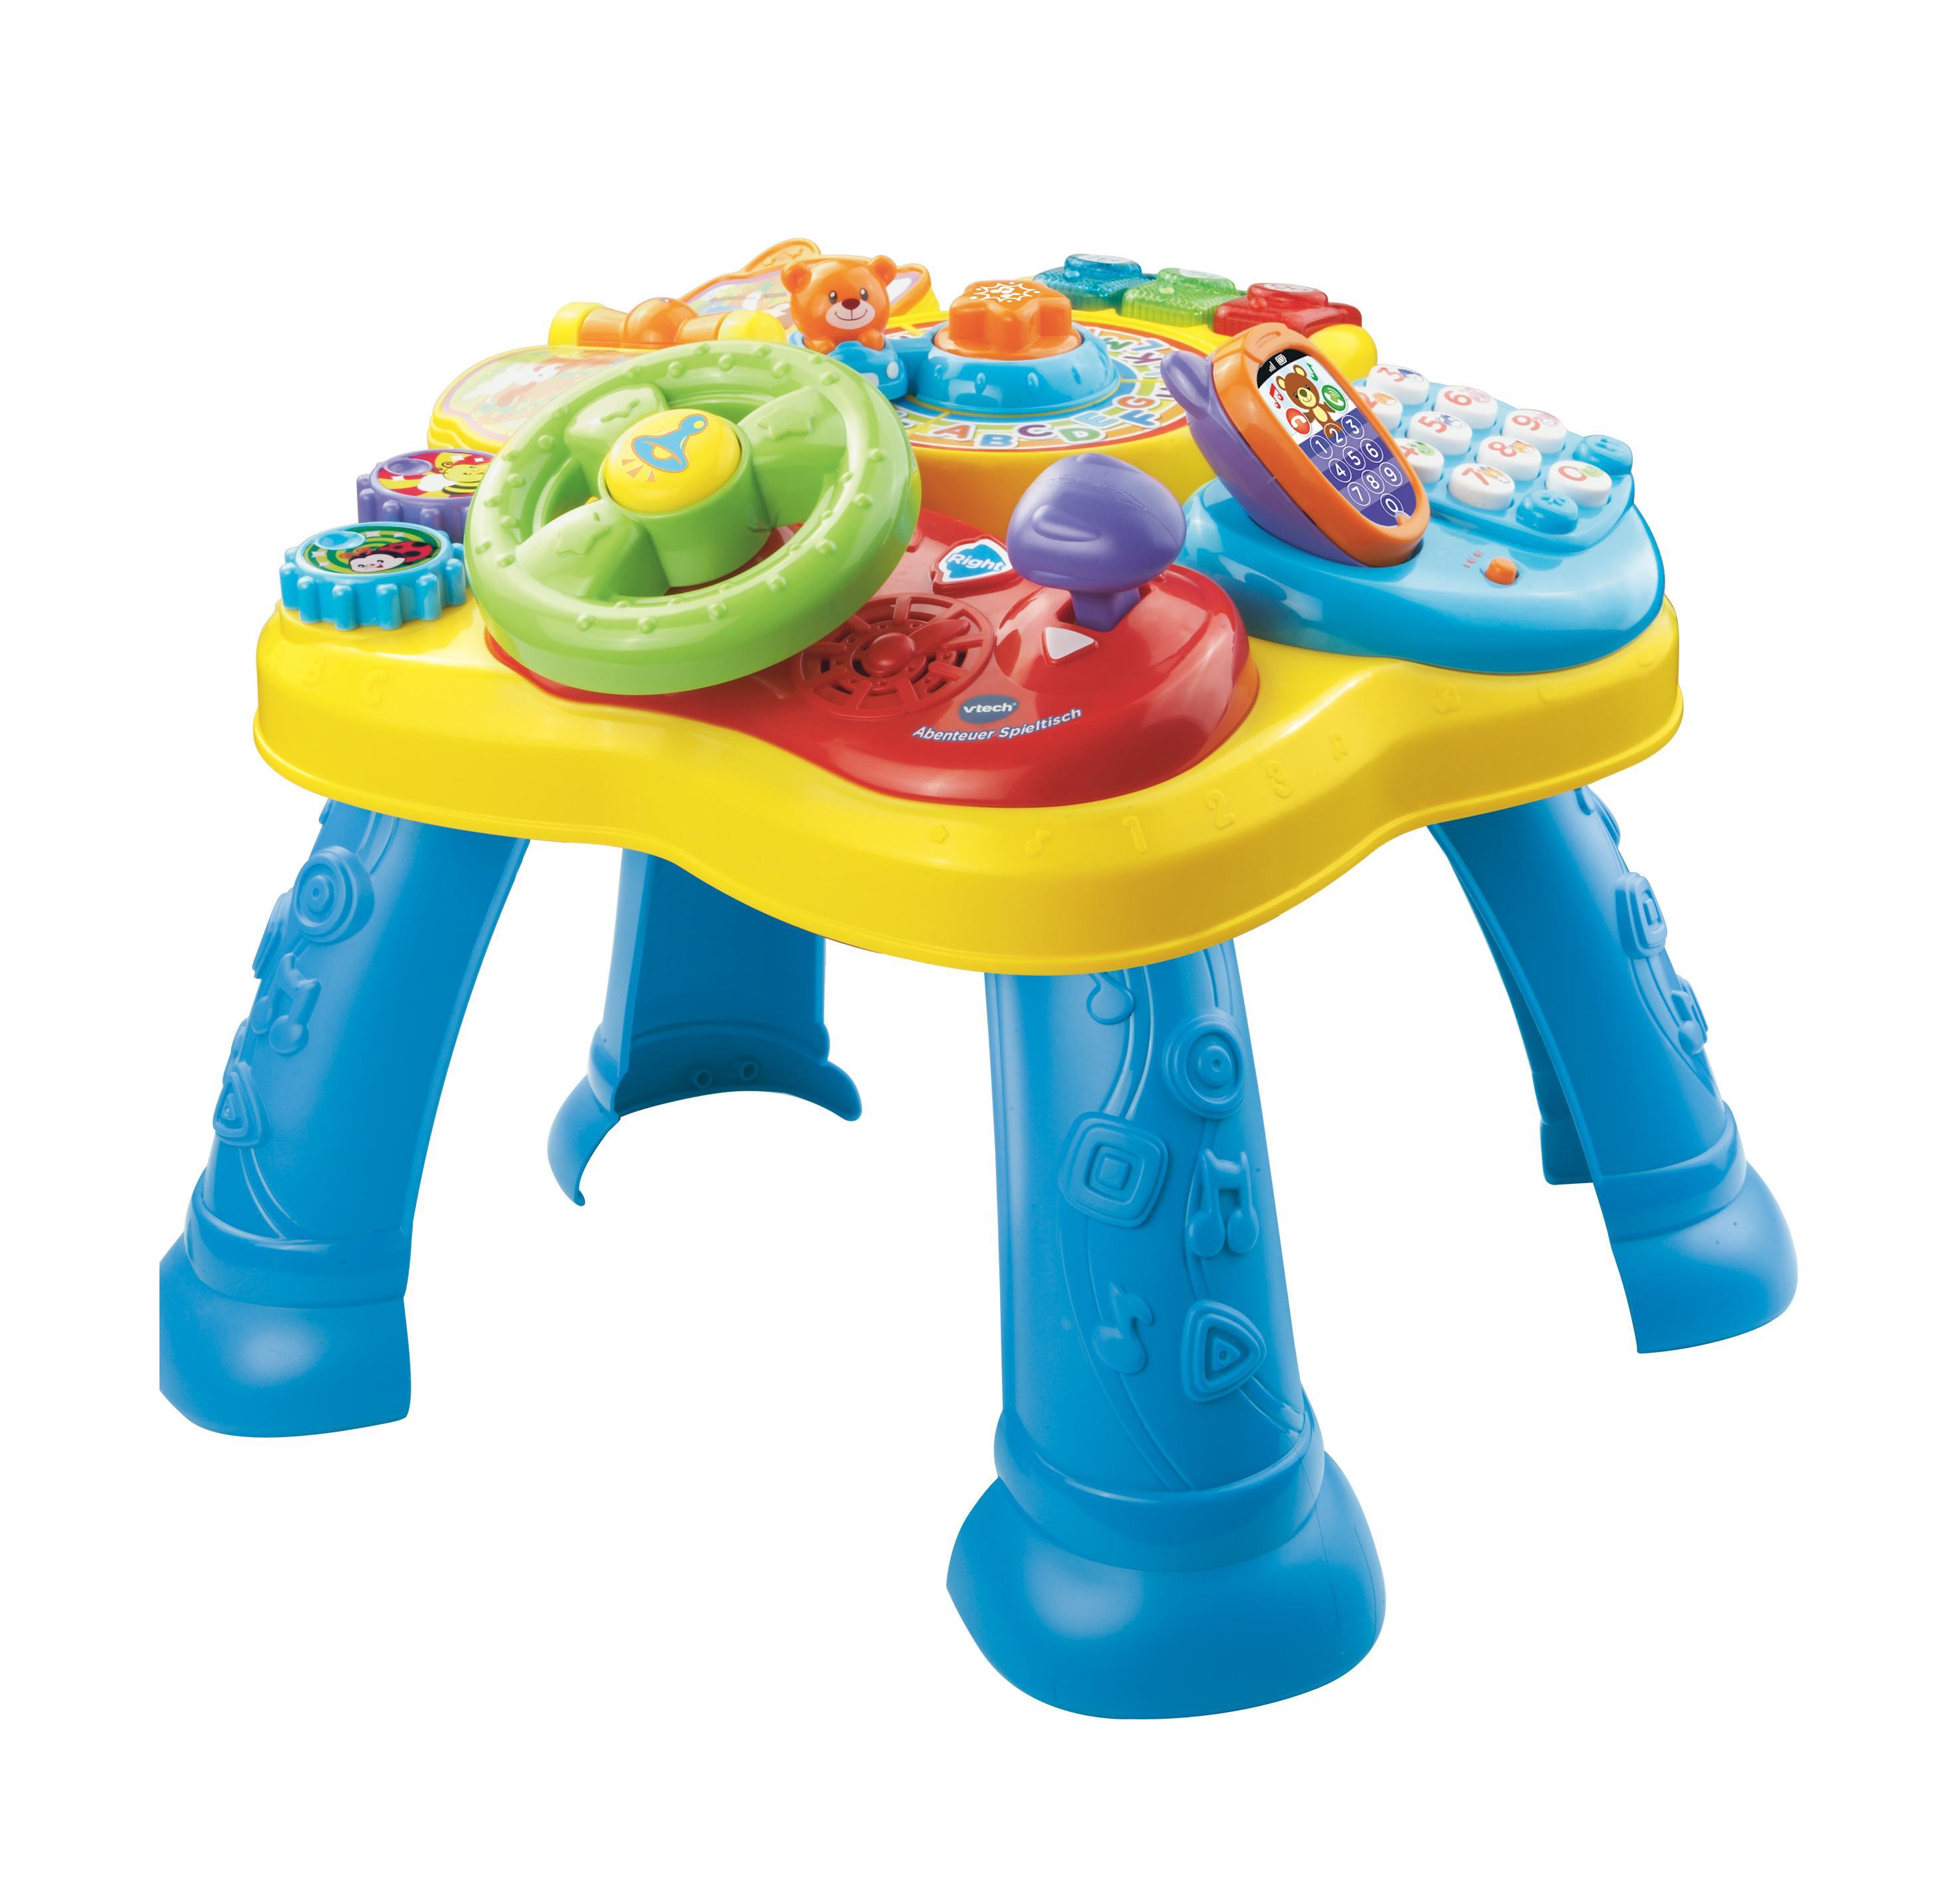 Spielzeug Für Babys : vtech baby 80 181504 abenteuer spieltisch ~ Watch28wear.com Haus und Dekorationen